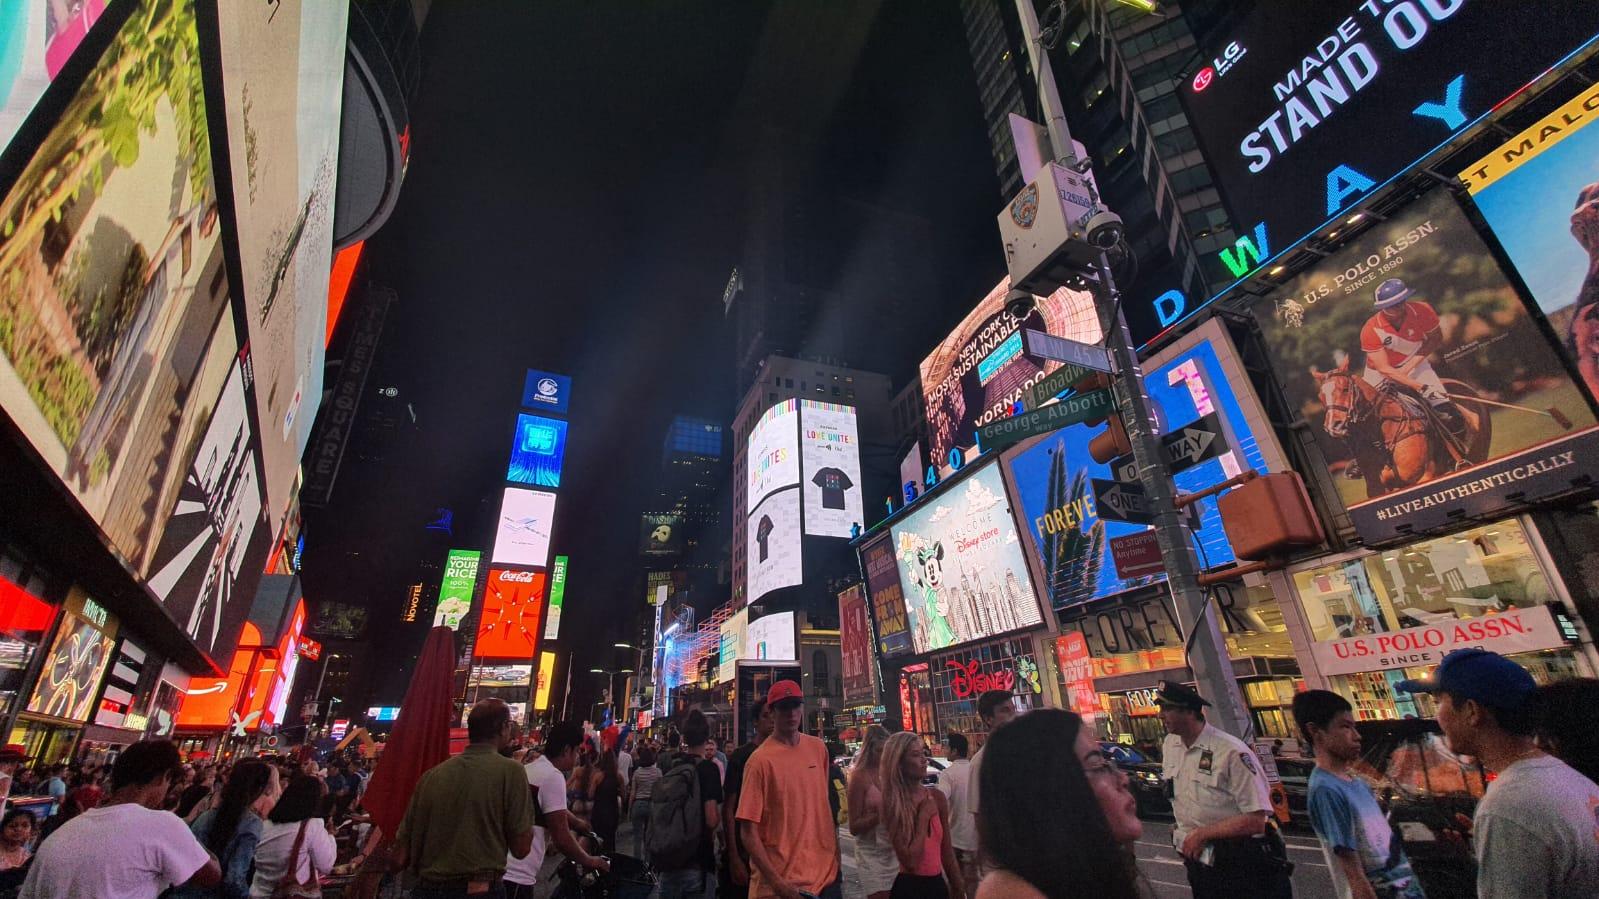 الصورة: هذه هي الطريقة التي تلتقط بها سامسونج الجديدة الصور Galaxy Note10 +! + الصور الليلية والفيديو 24